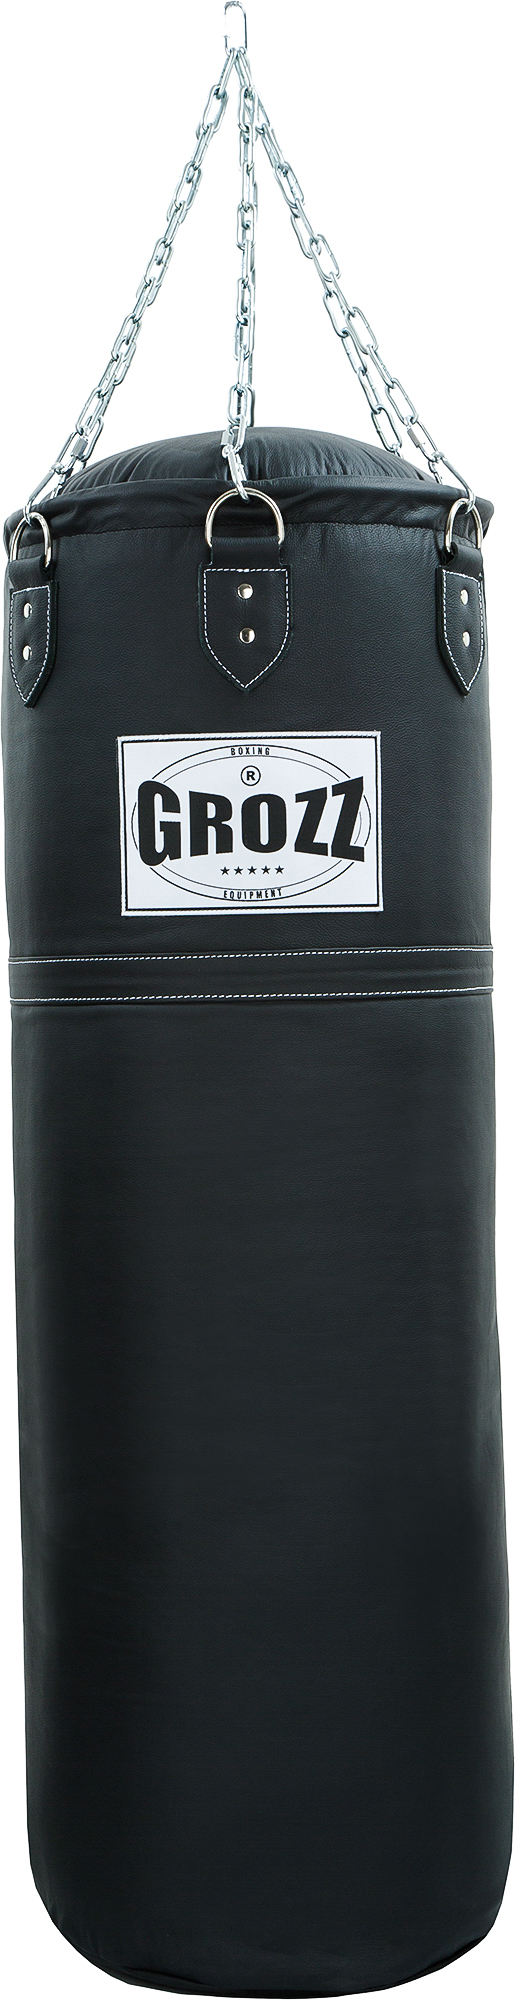 цена Grozz Мешок набивной Grozz, 60 кг в интернет-магазинах